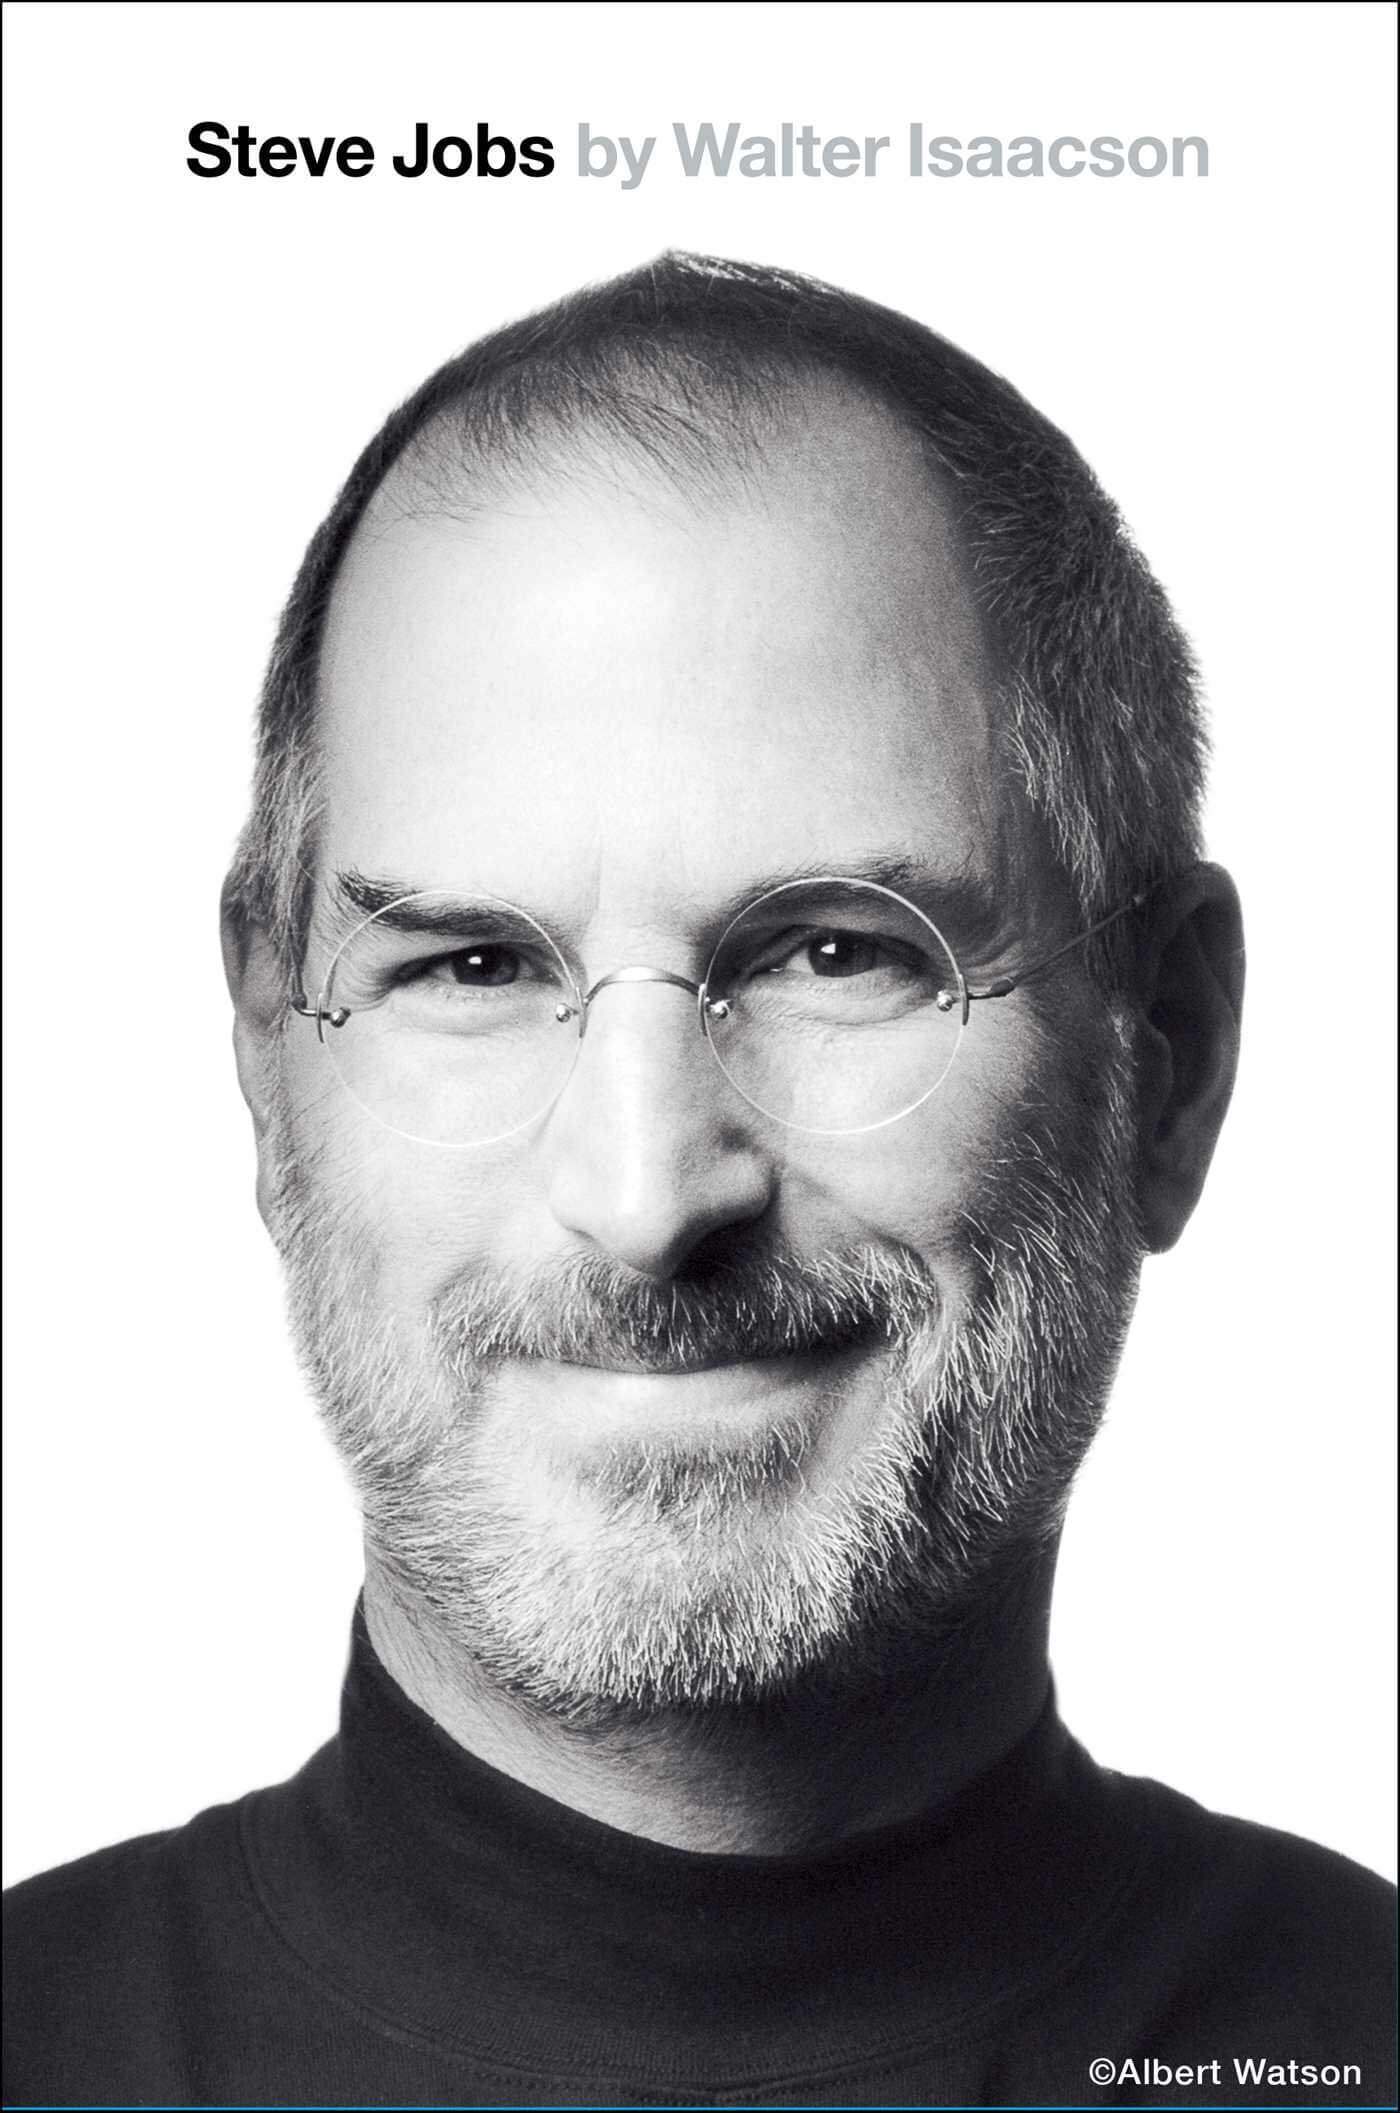 Book summary for Steve Jobs